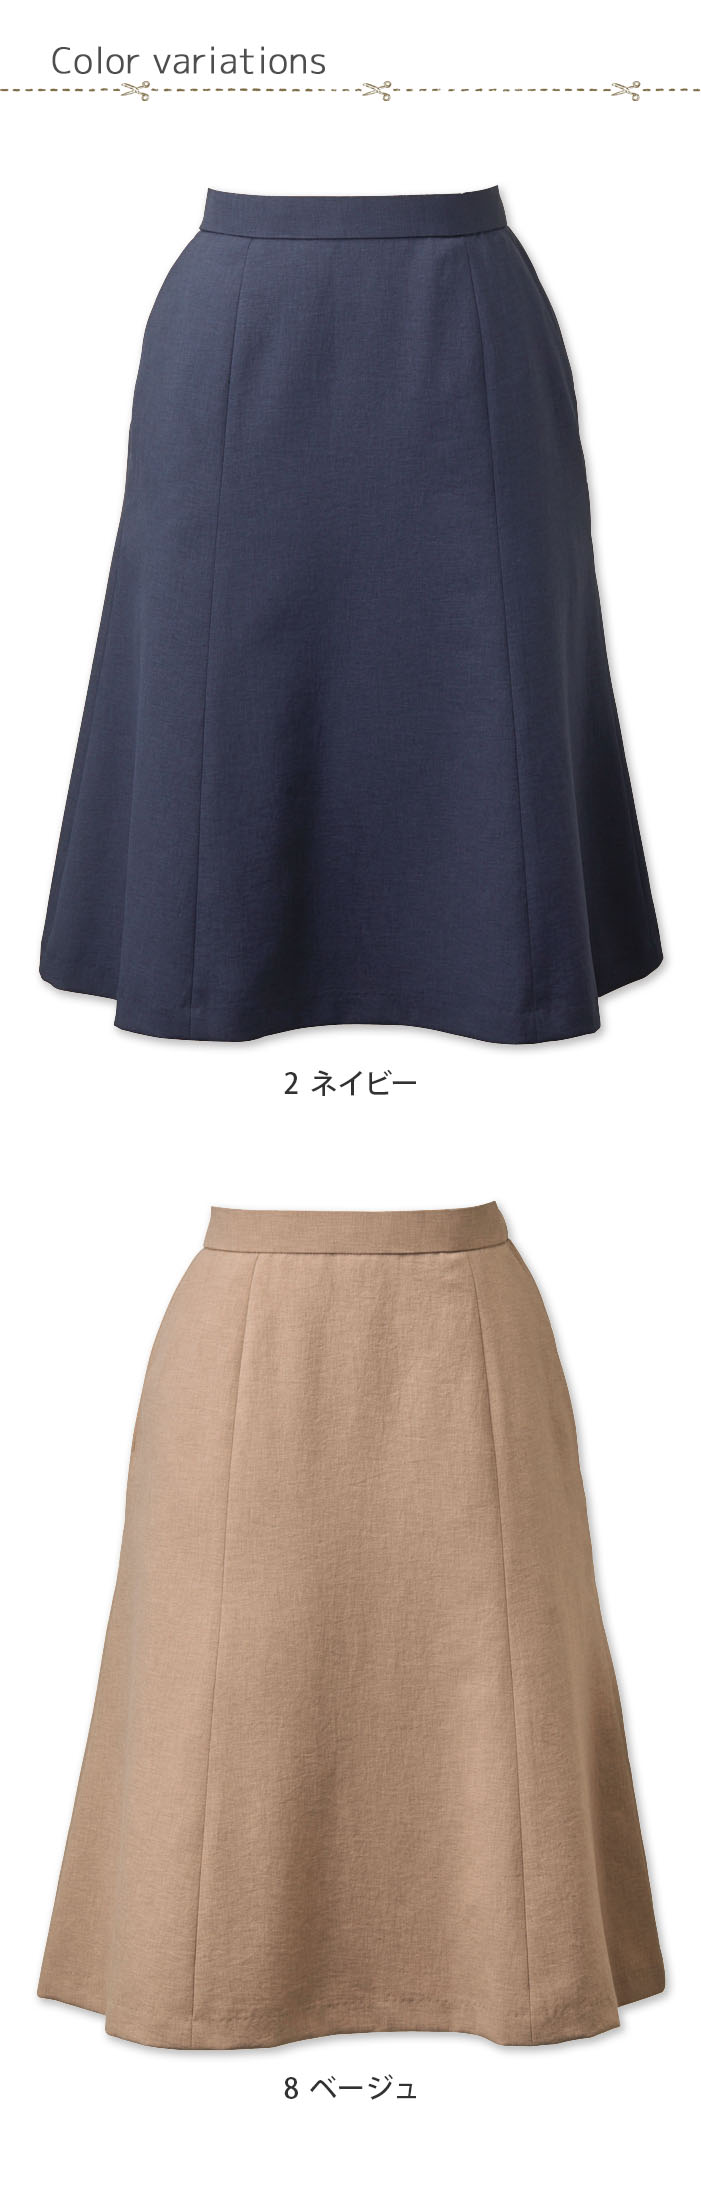 ナチュラルでリラックス感のある フレアスカート【2色】女性用